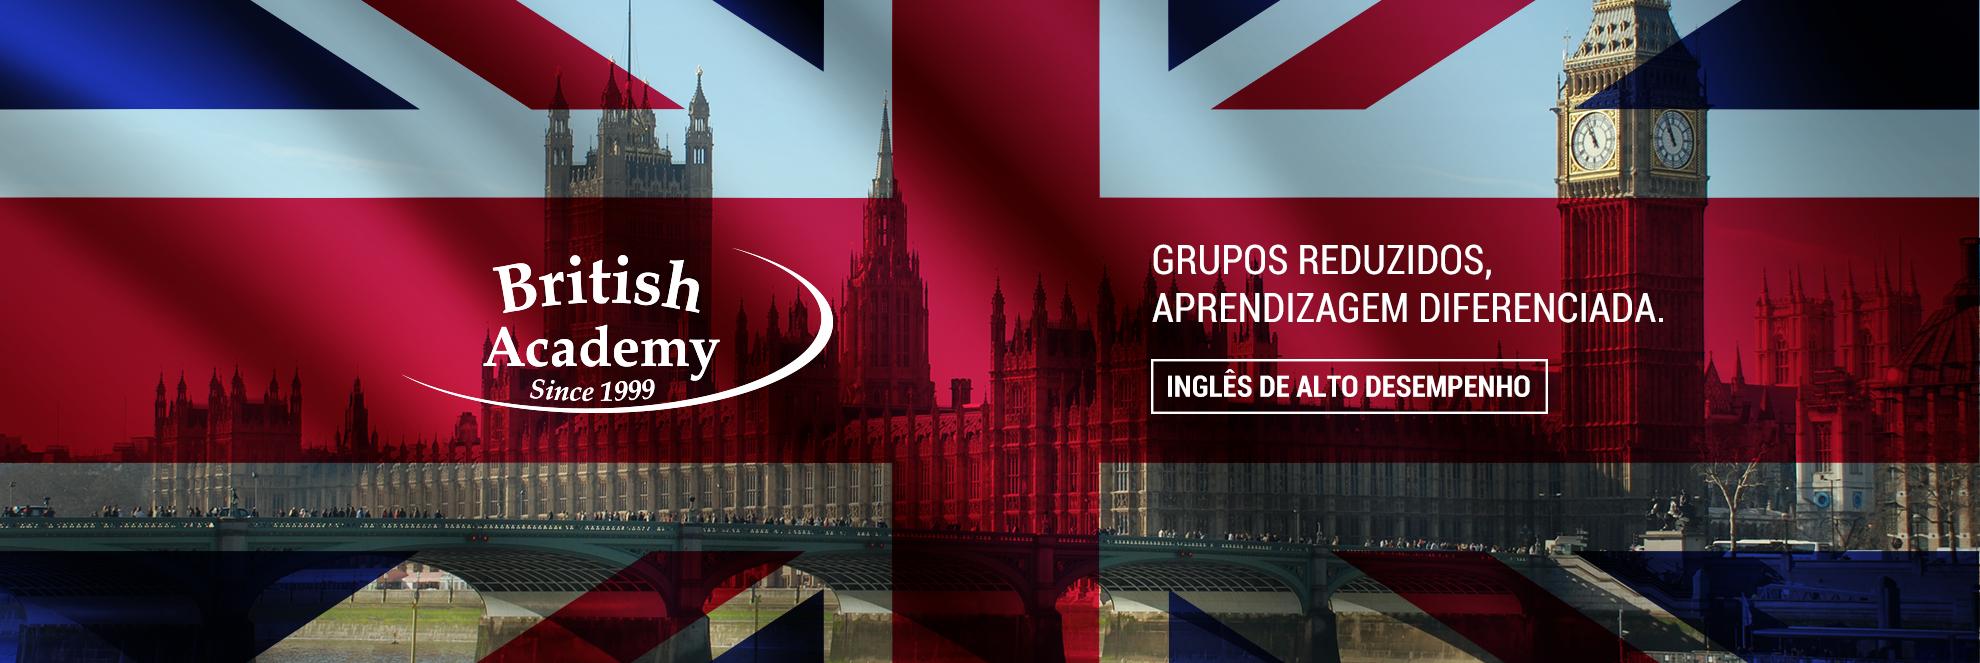 British Academy - Inglês de alto desempenho